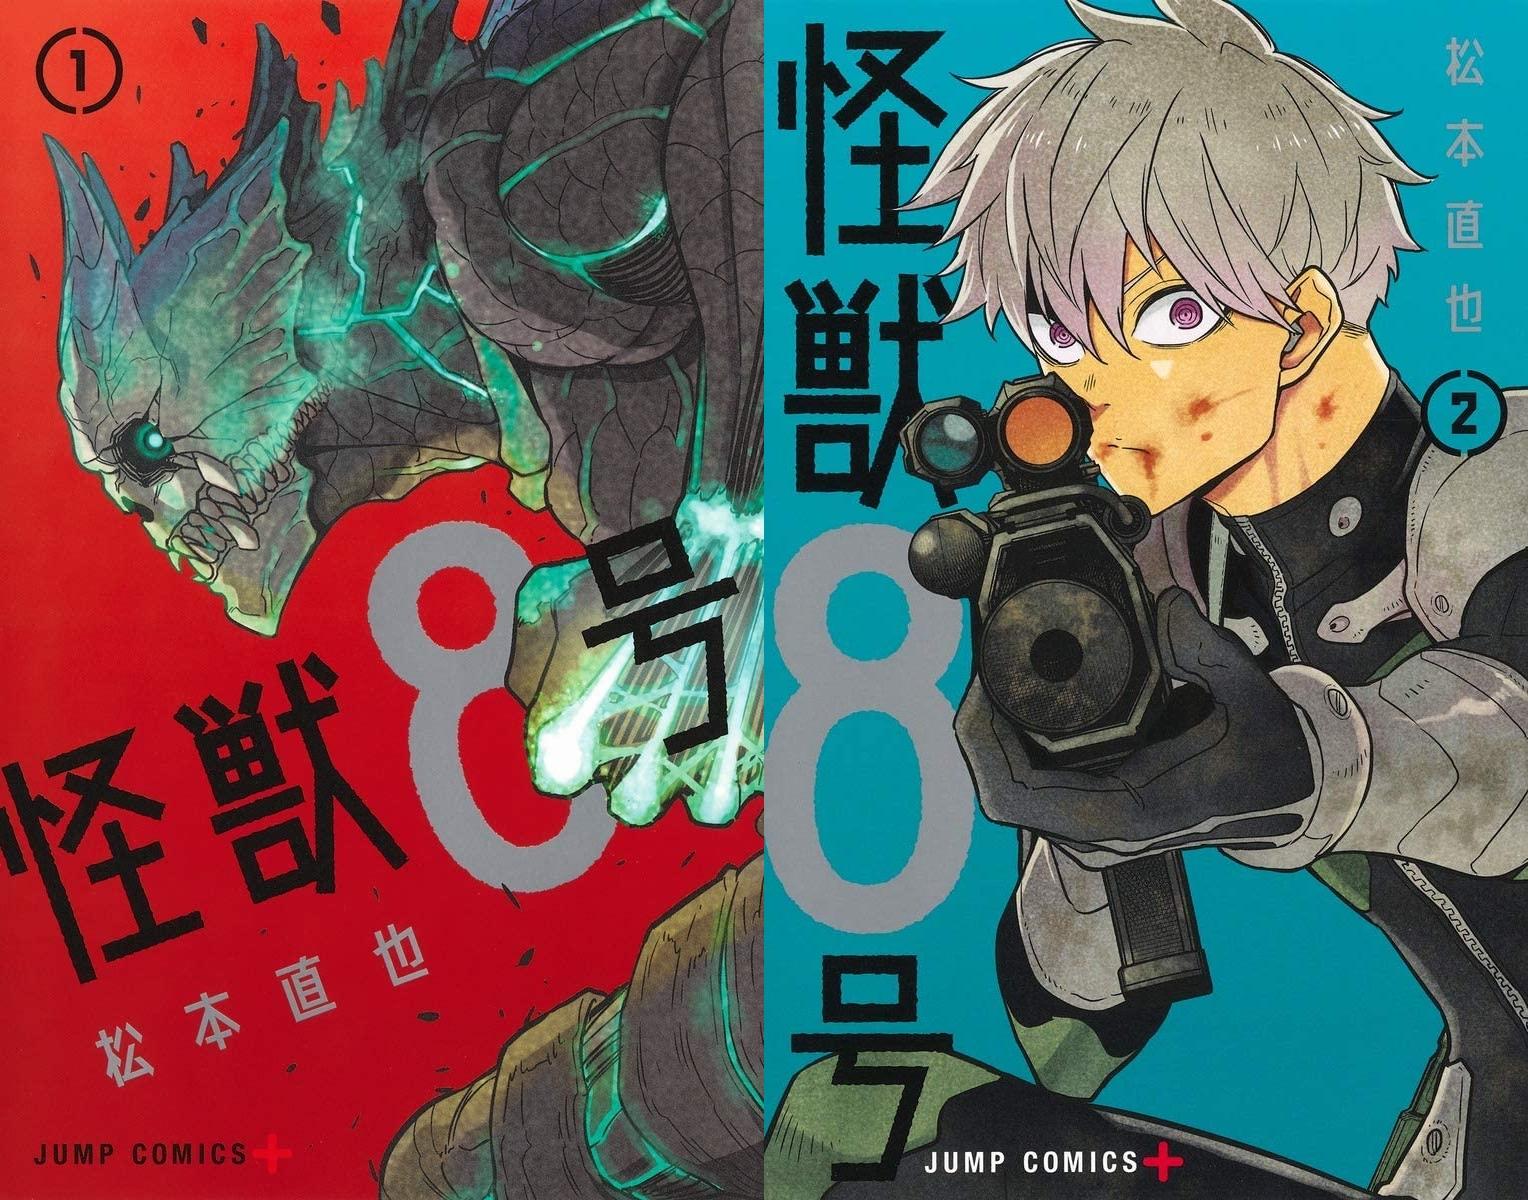 【悲報】怪獣8号、話題にならなくなる・・・・